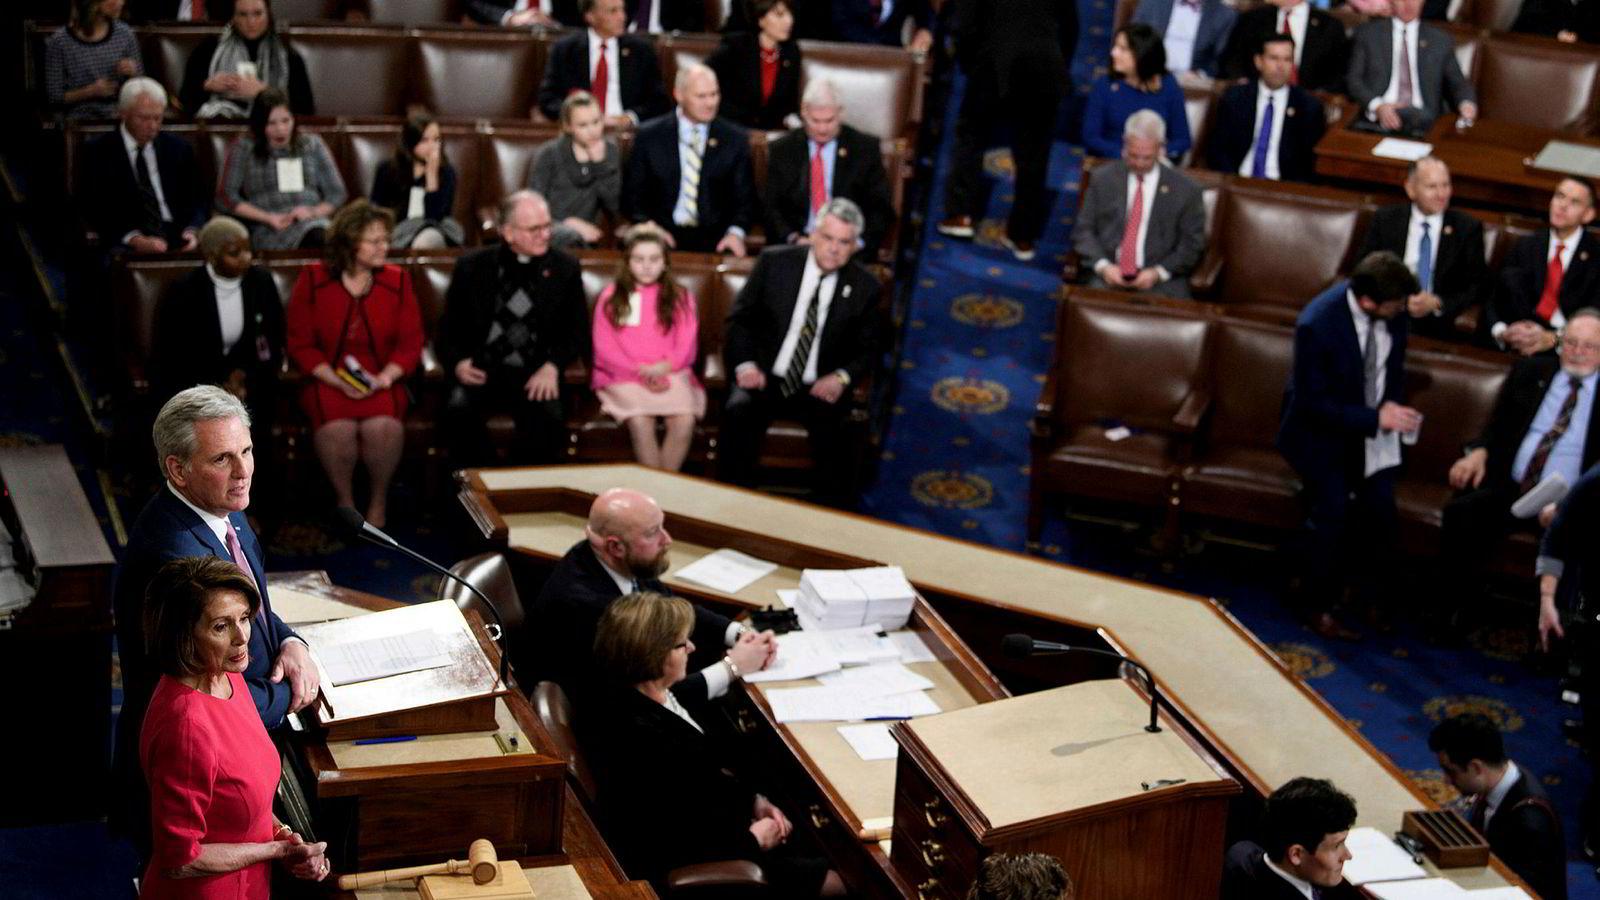 Gruppeleder i Representantenes hus Nancy Pelosi taler til forsamlingen under åpningen av den 116. Kongressen på Capitol Hill torsdag.